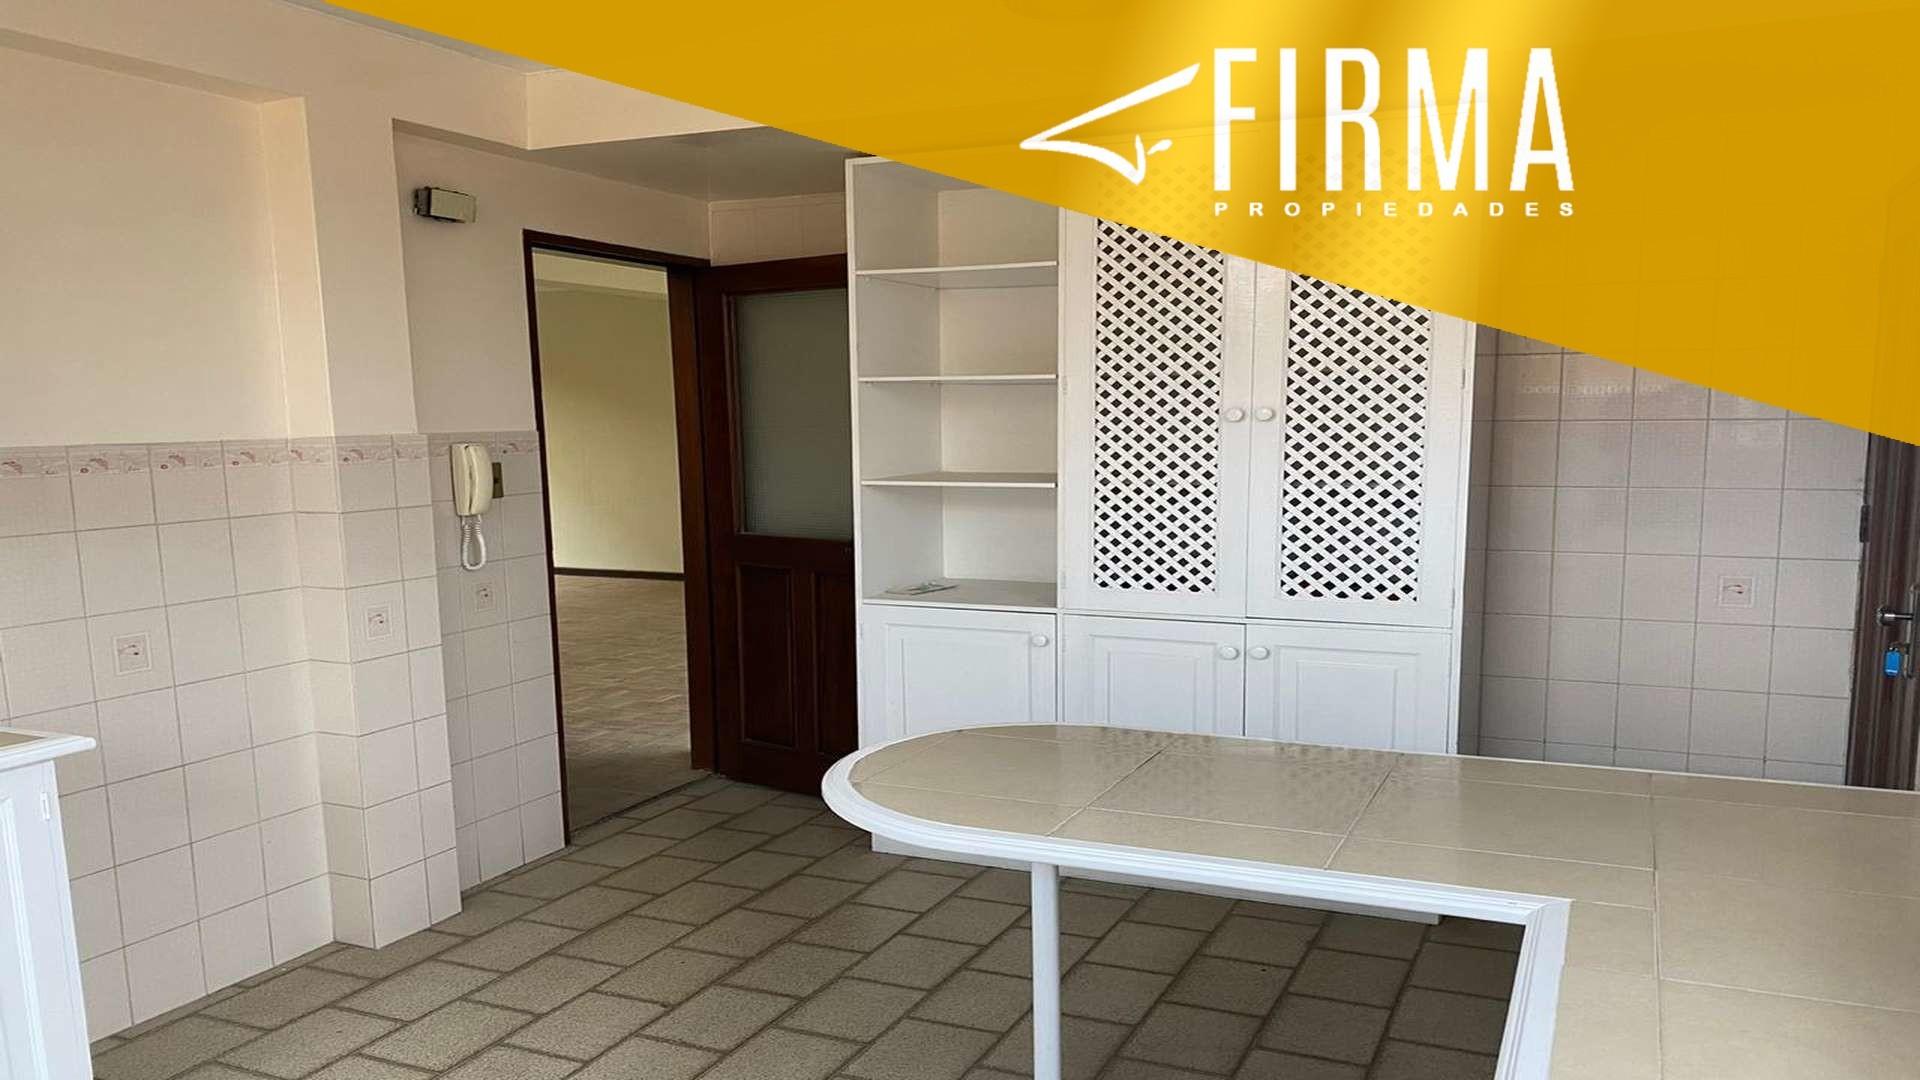 Casa en Venta FCV4618 COMPRA TU CASA EN COTA COTA A ESTRENAR  Foto 5